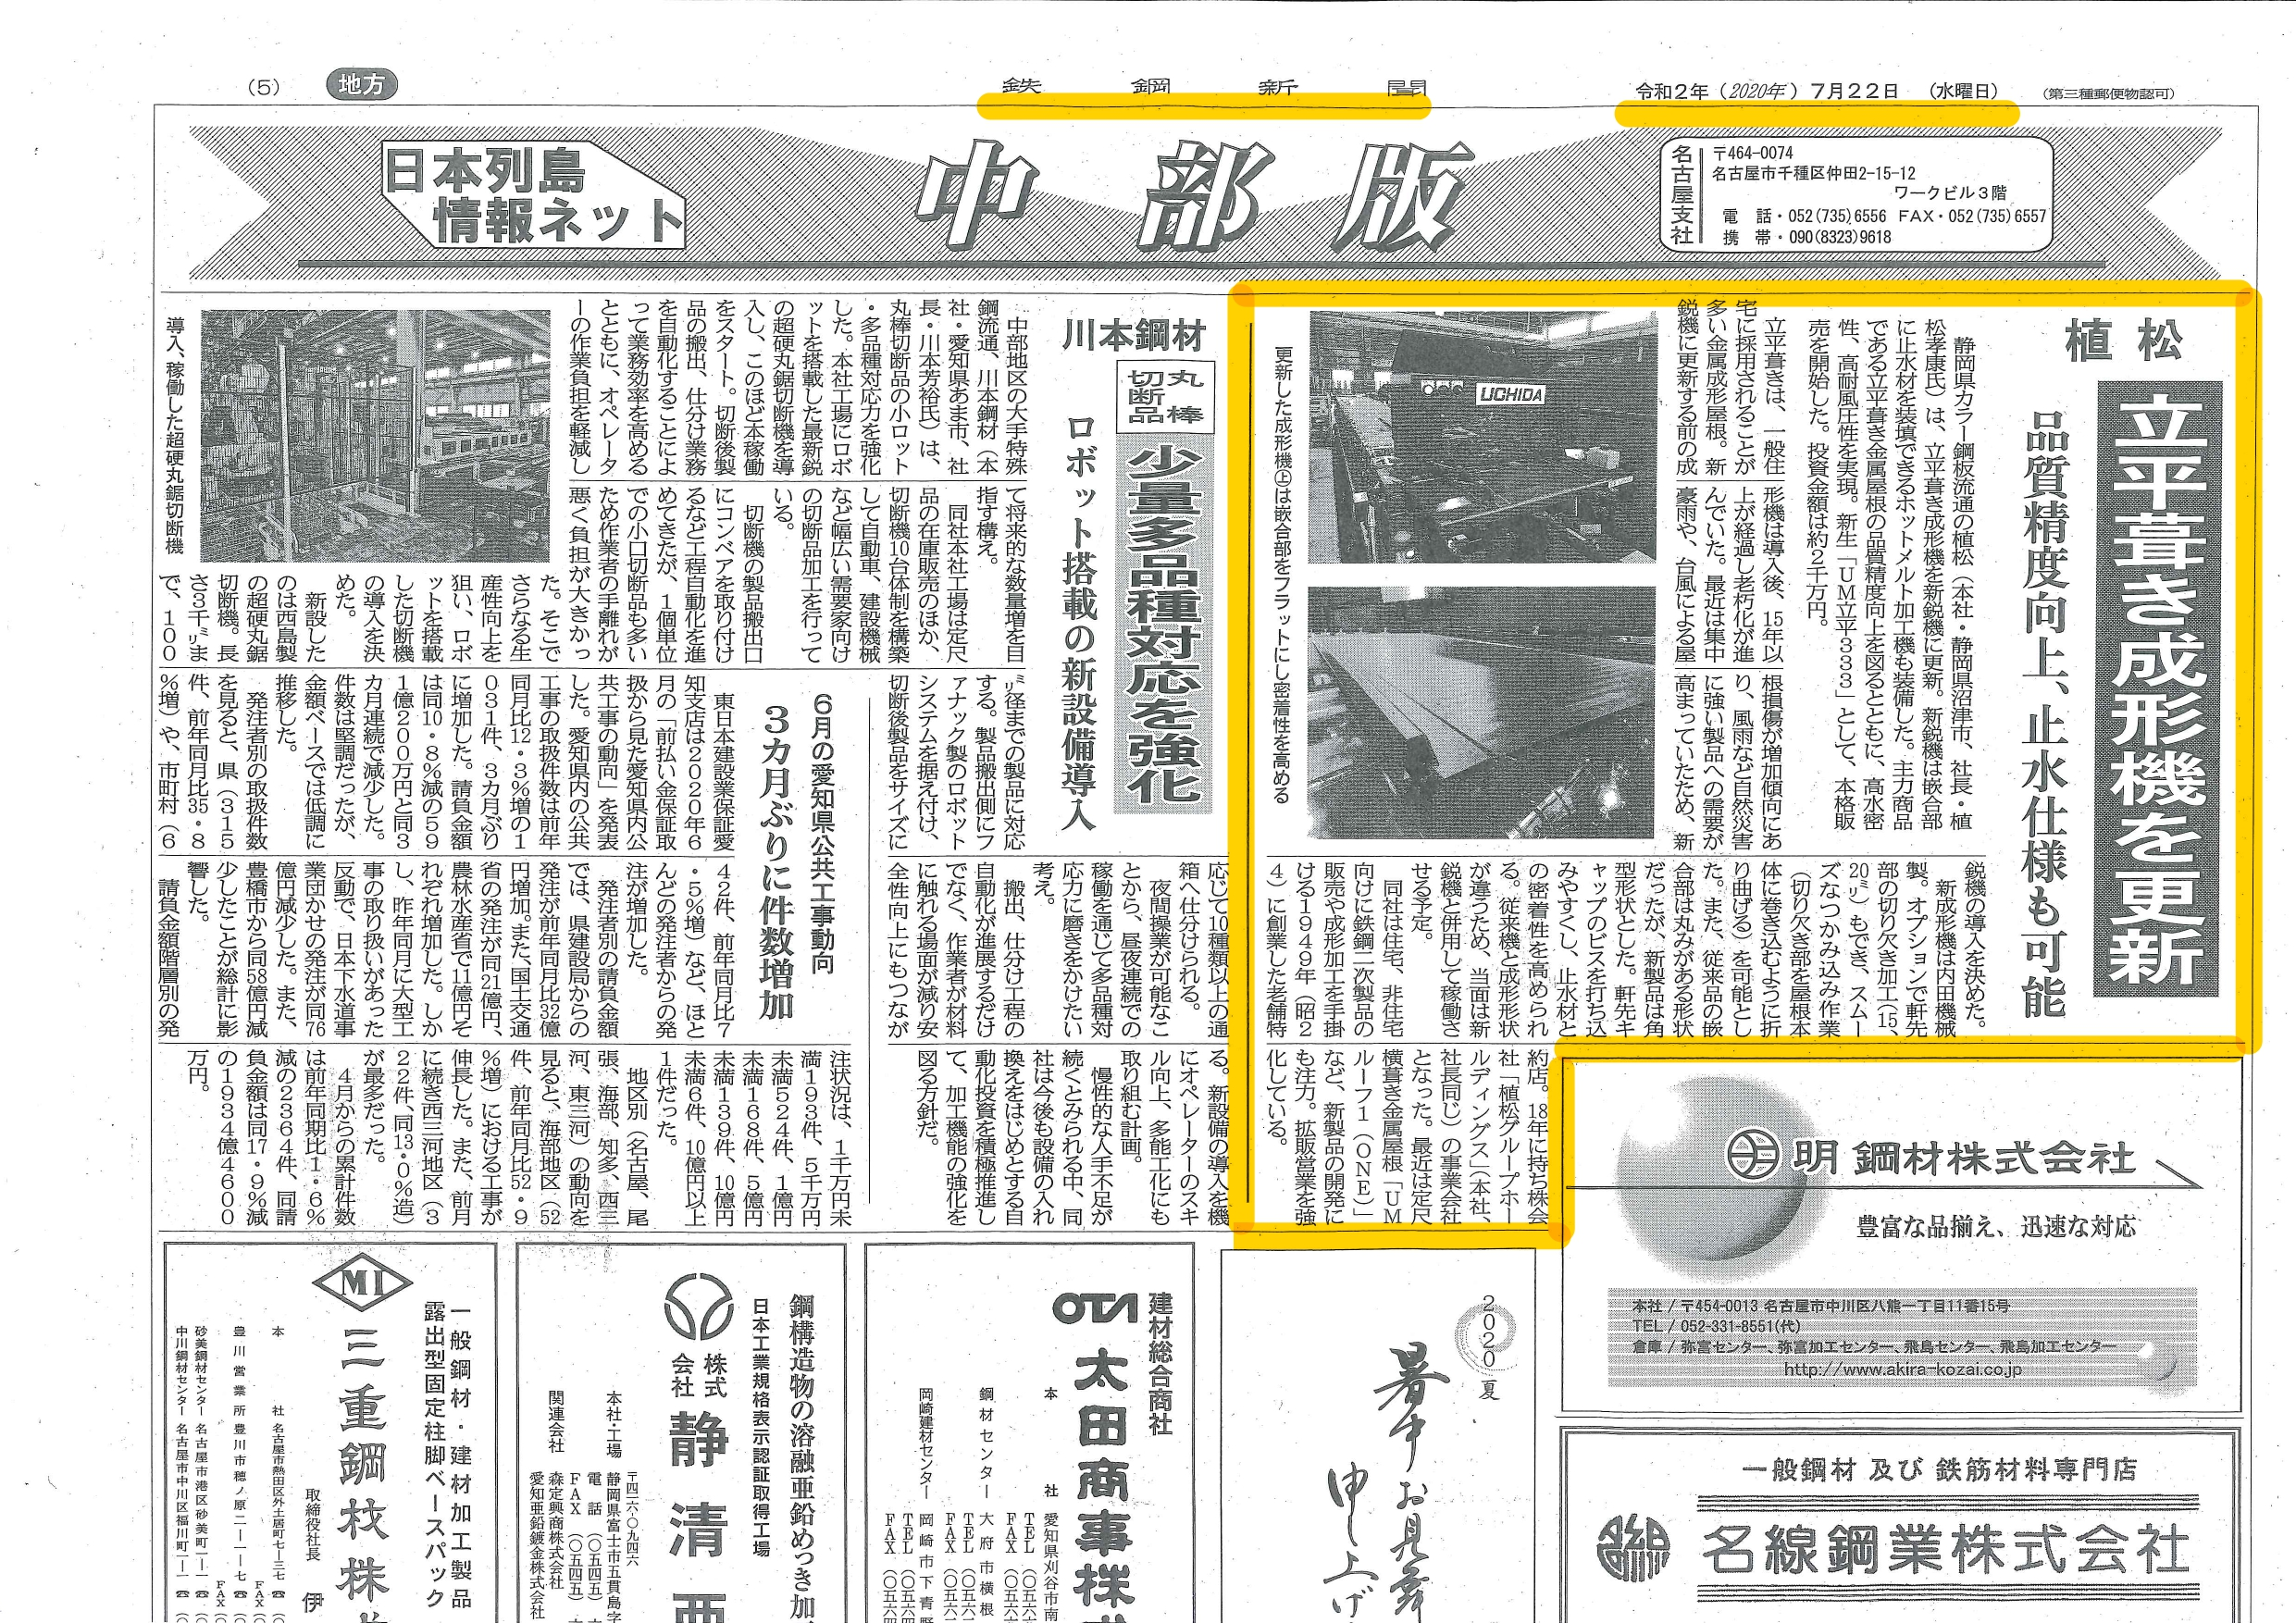 7月22日の鉄鋼新聞に当社記事が掲載されました